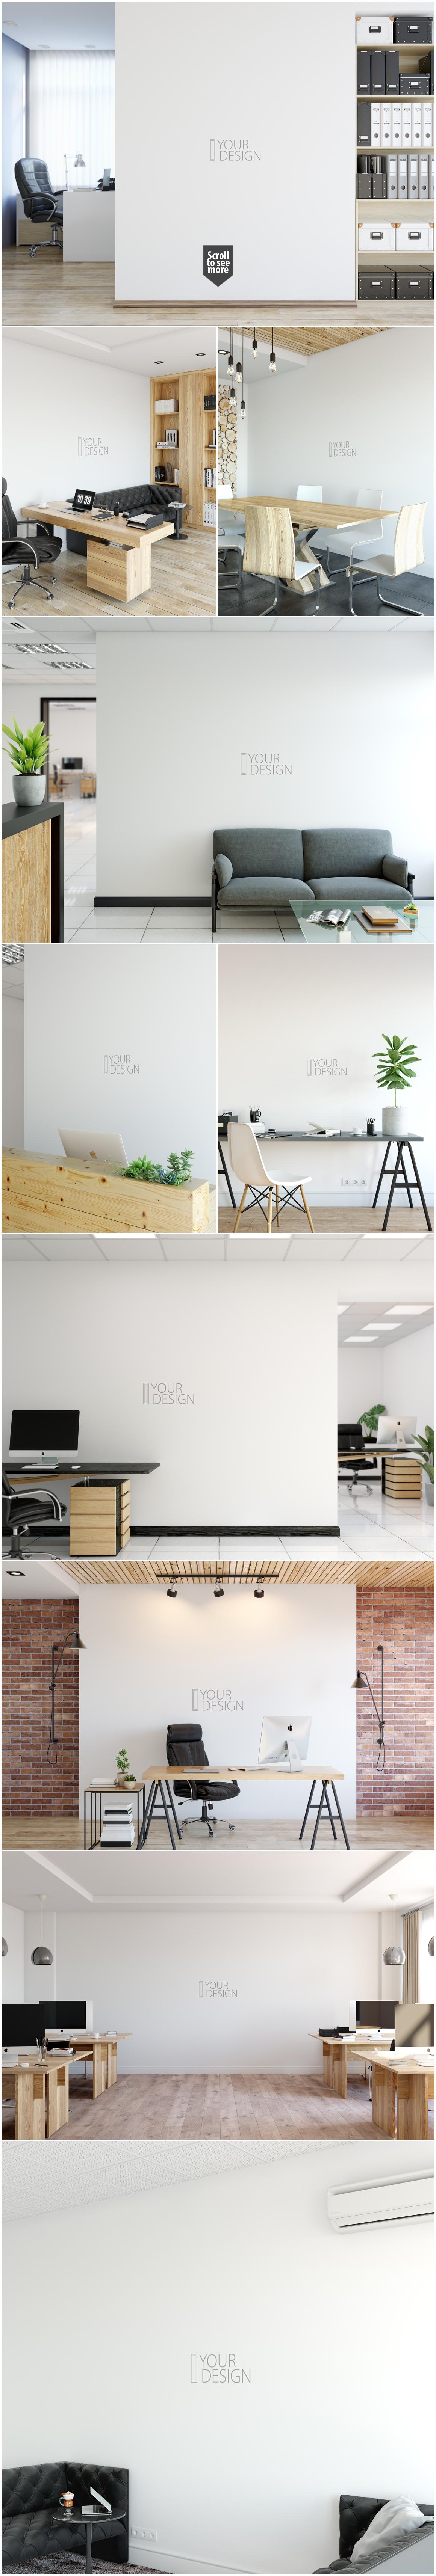 OFFICE Wall Mockup Bundle example image 2